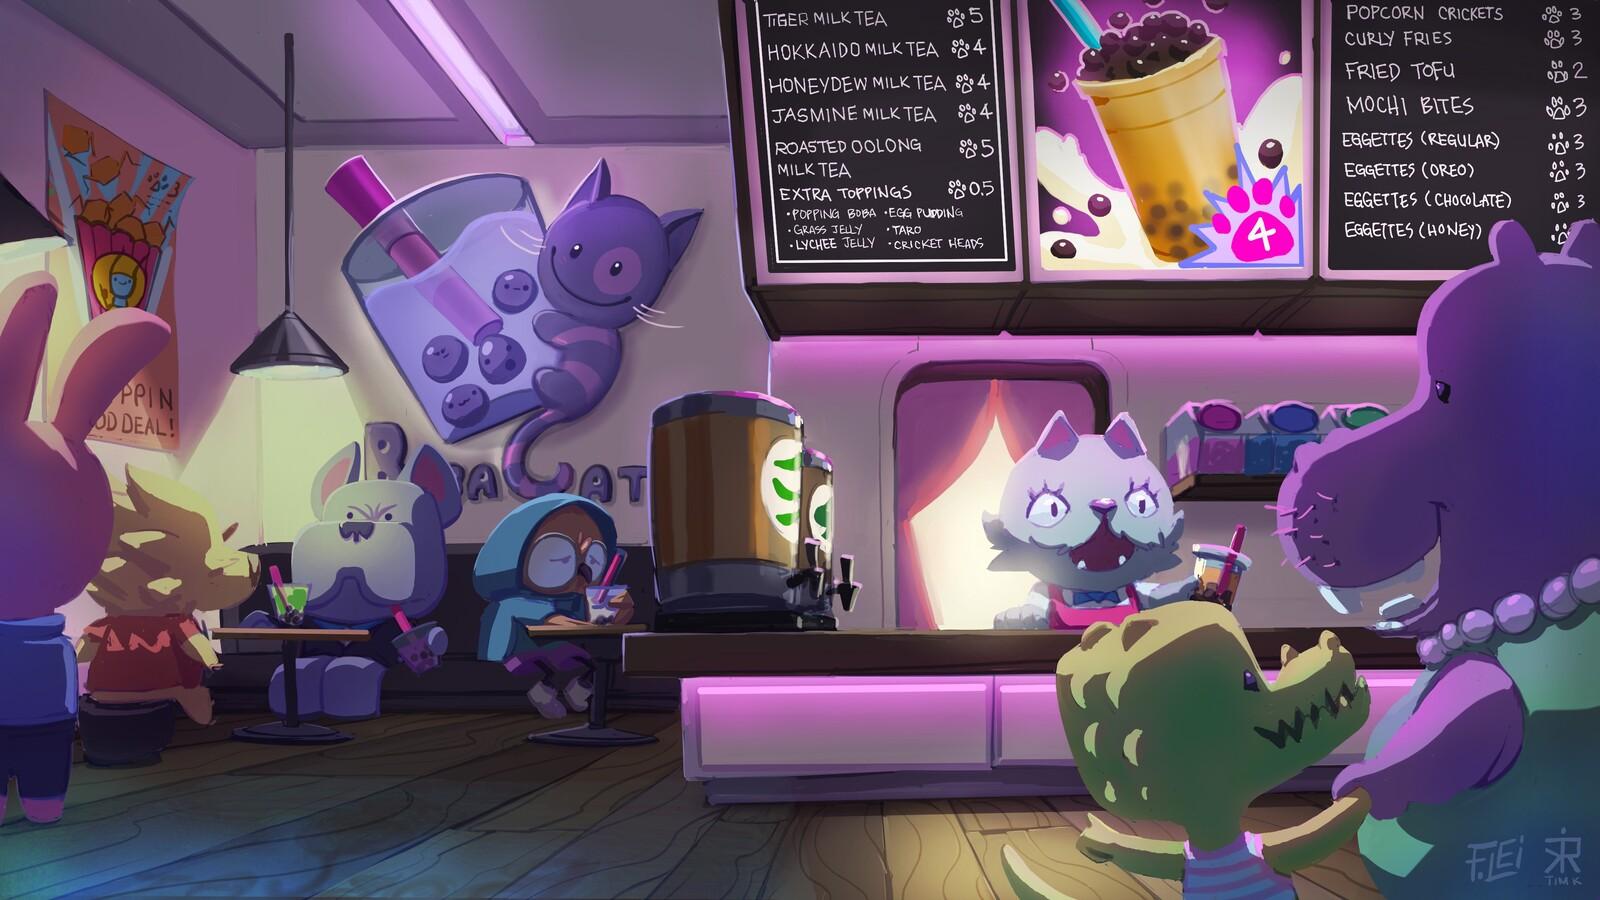 Boba Cat Café